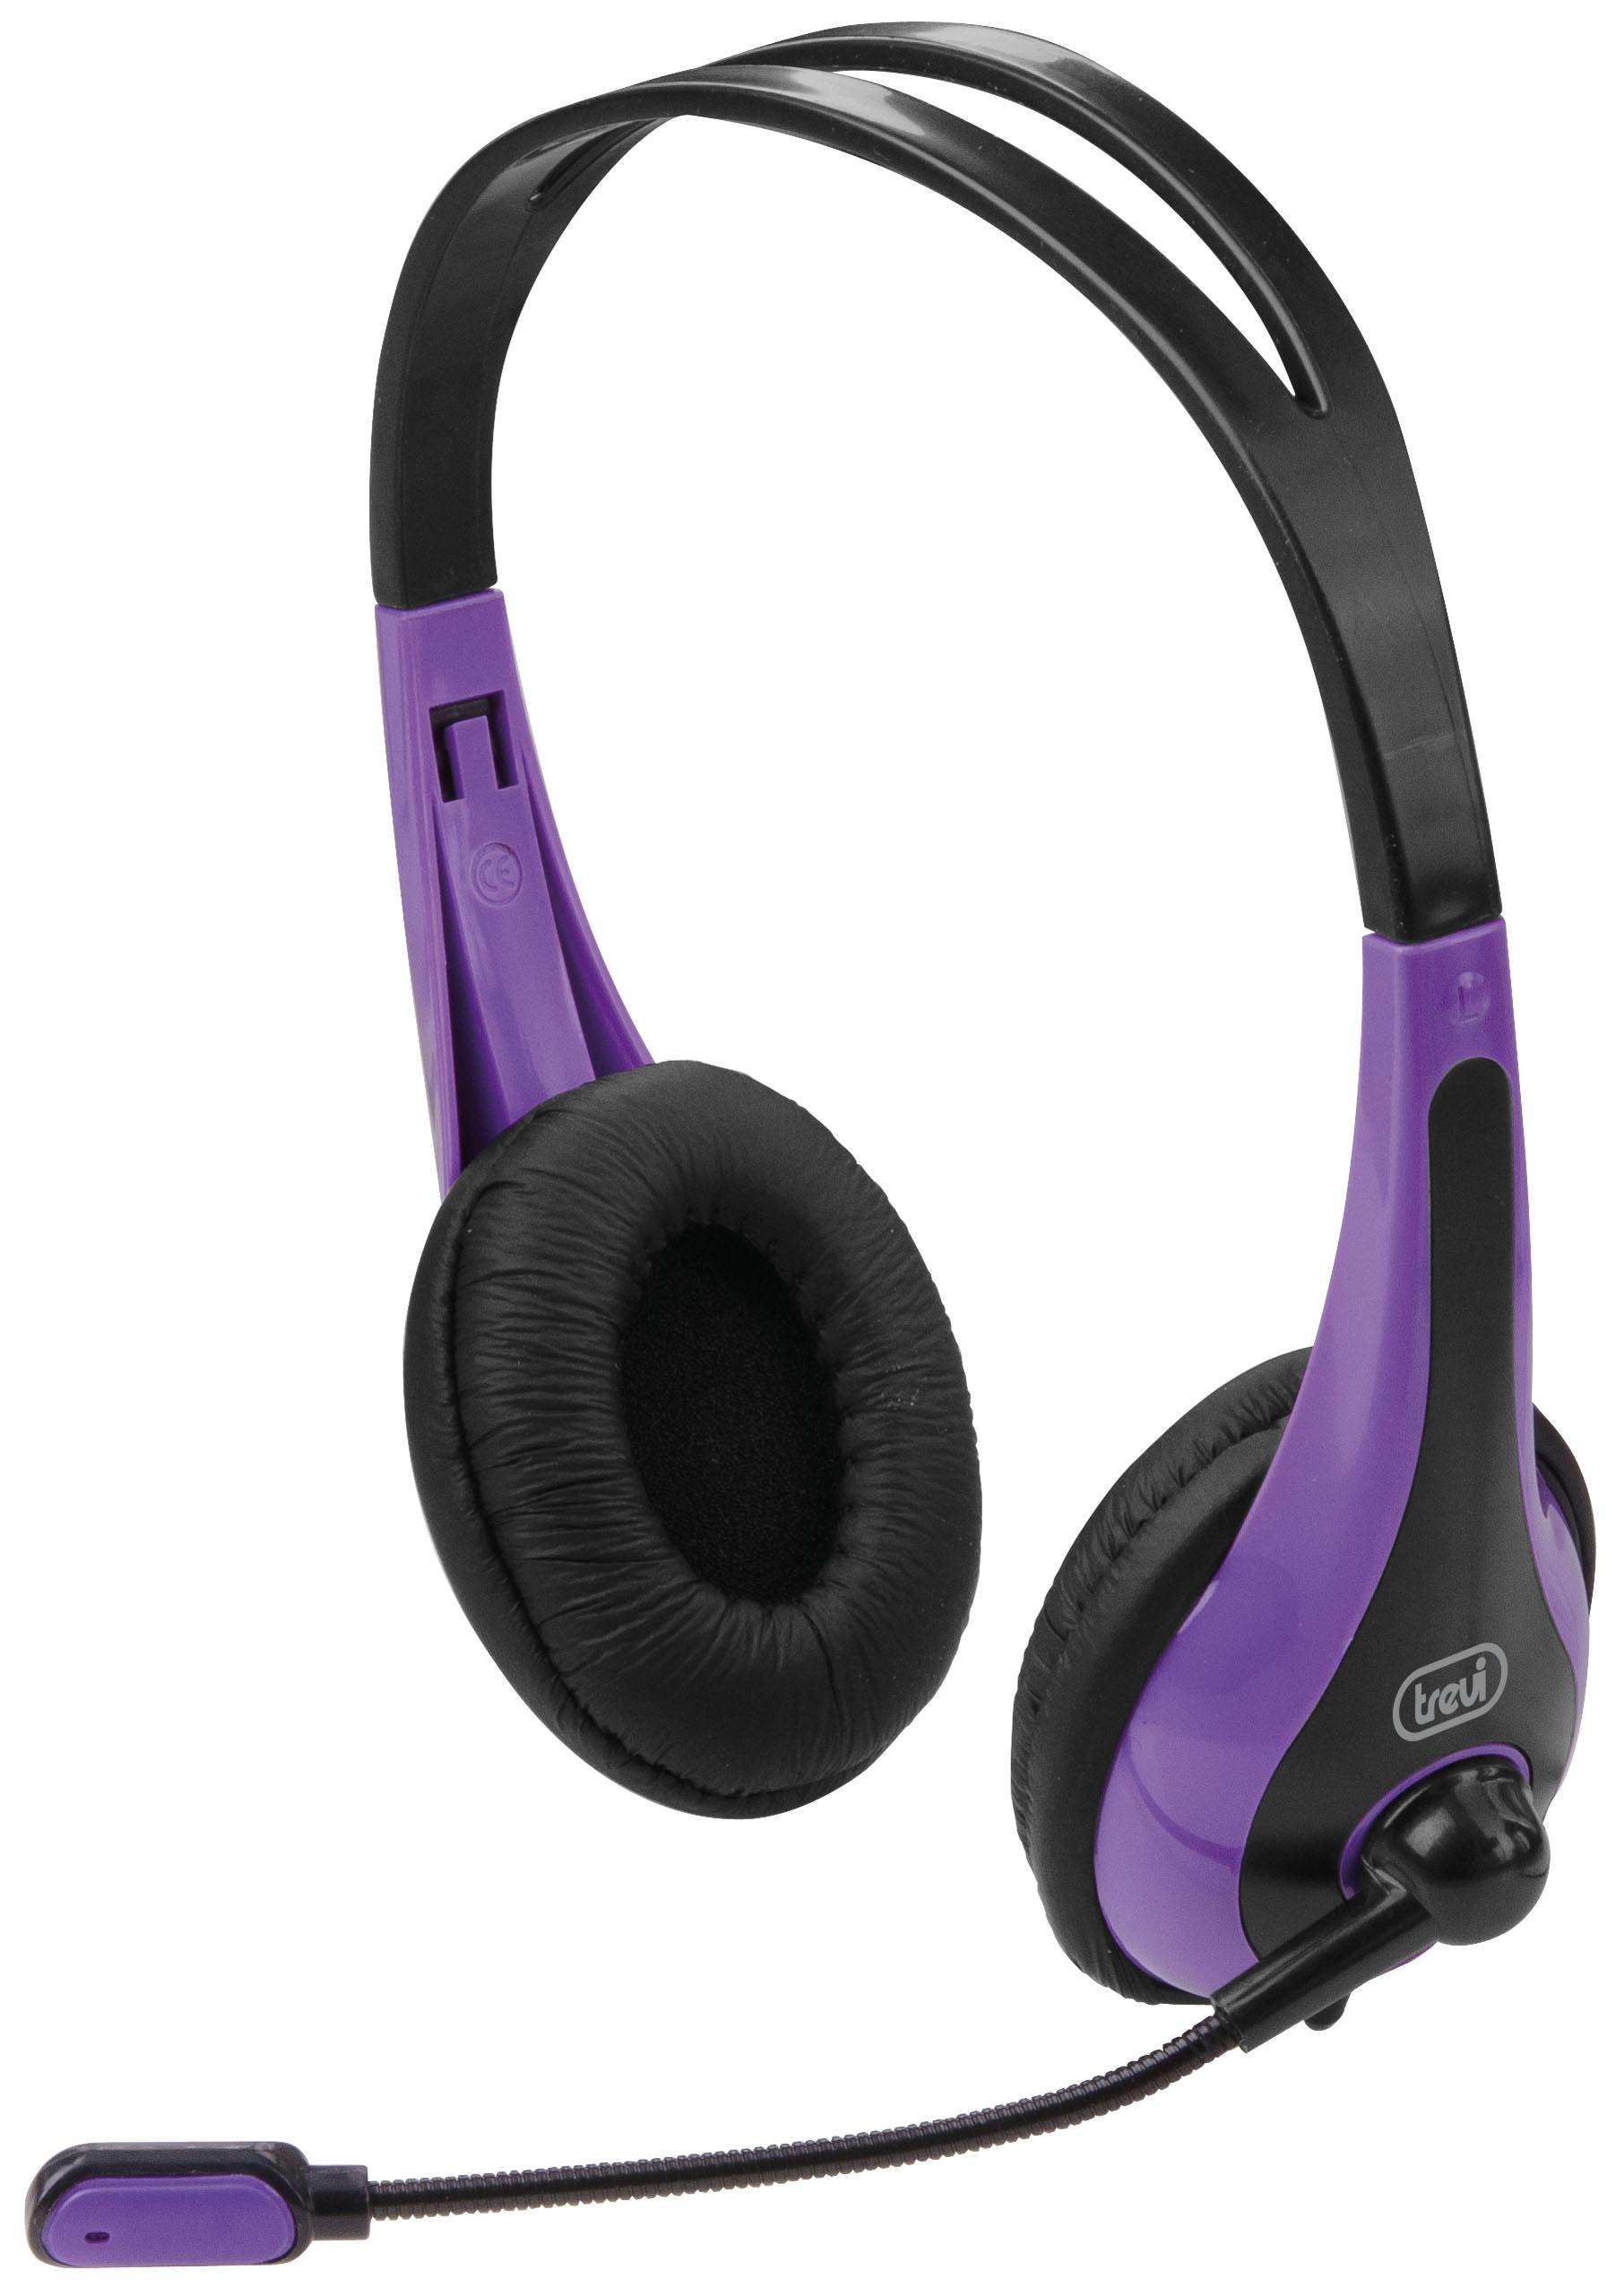 Cuffie Stereo con Microfono TREVI SK 644 S Viola eda08ecd8fbe